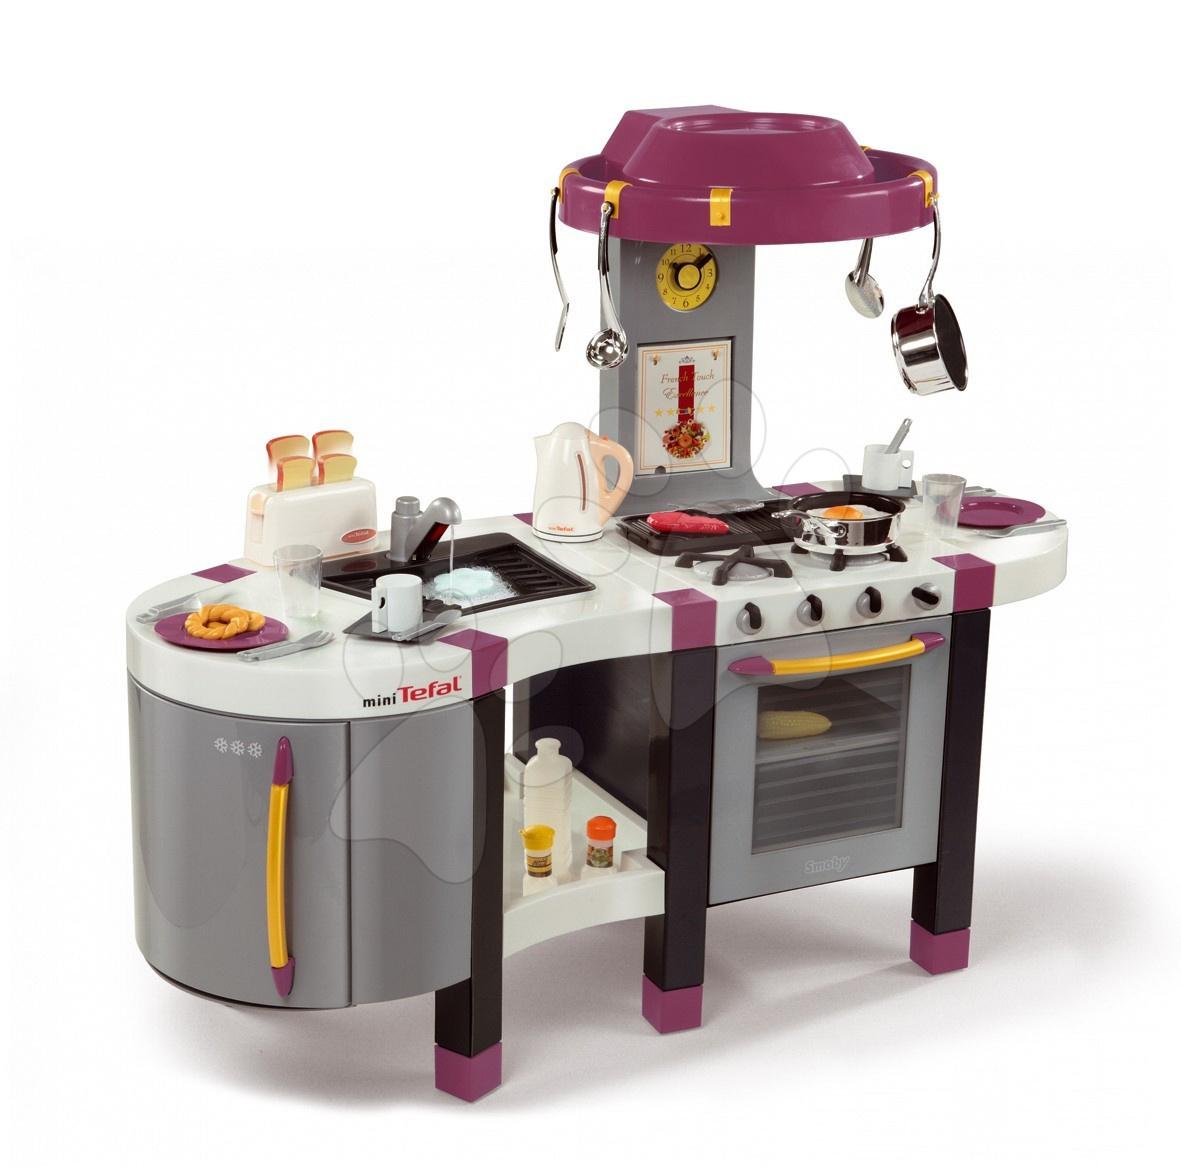 Produse vechi - Bucătărie electronică French Touch Tefal Excellence Smoby bordou-galben cu apă curgătoare